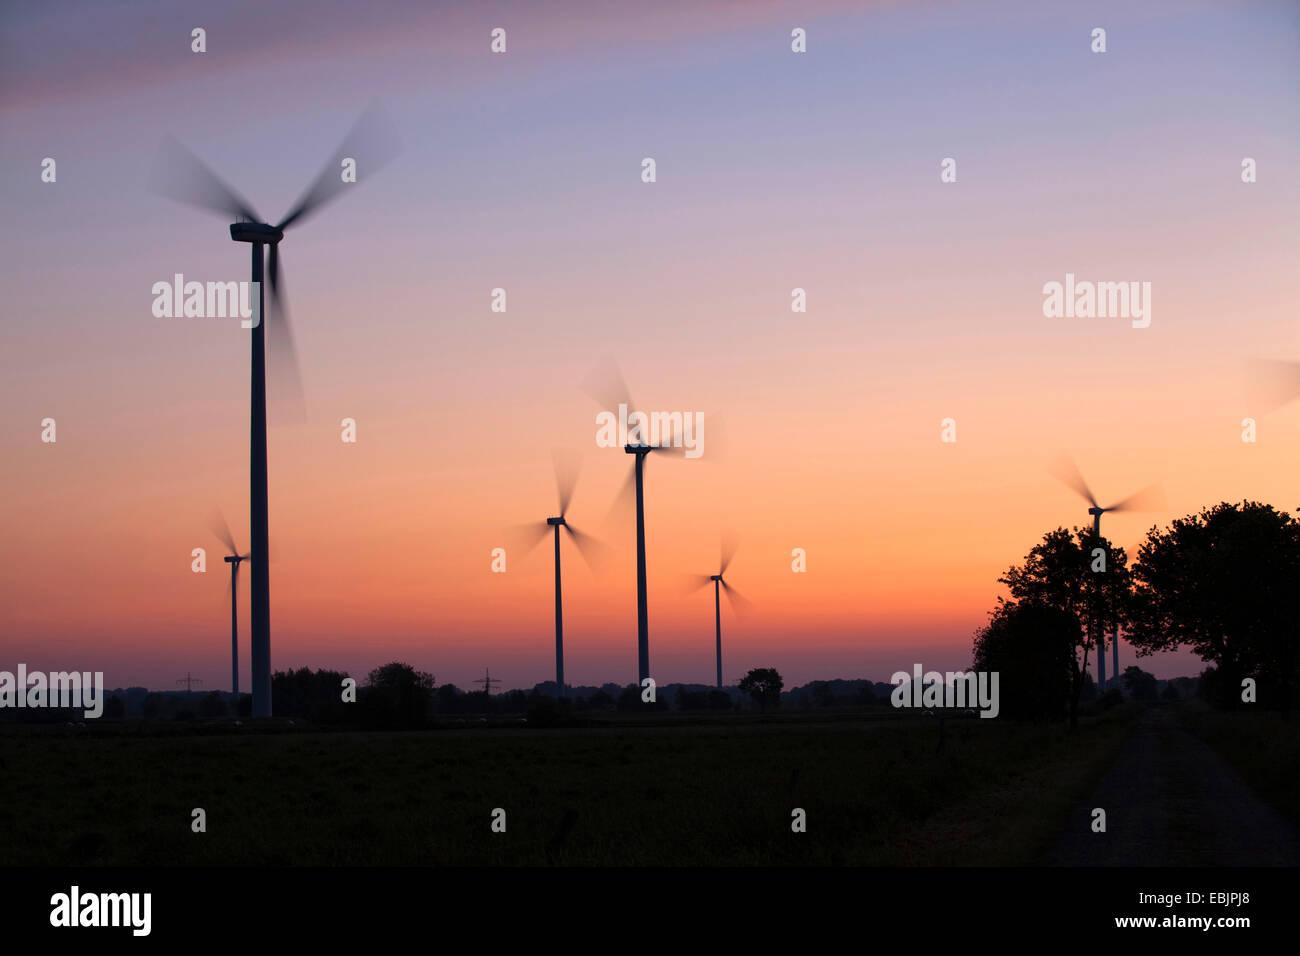 Siluetas de una planta de energía eólica en Sunrise, Alemania Imagen De Stock